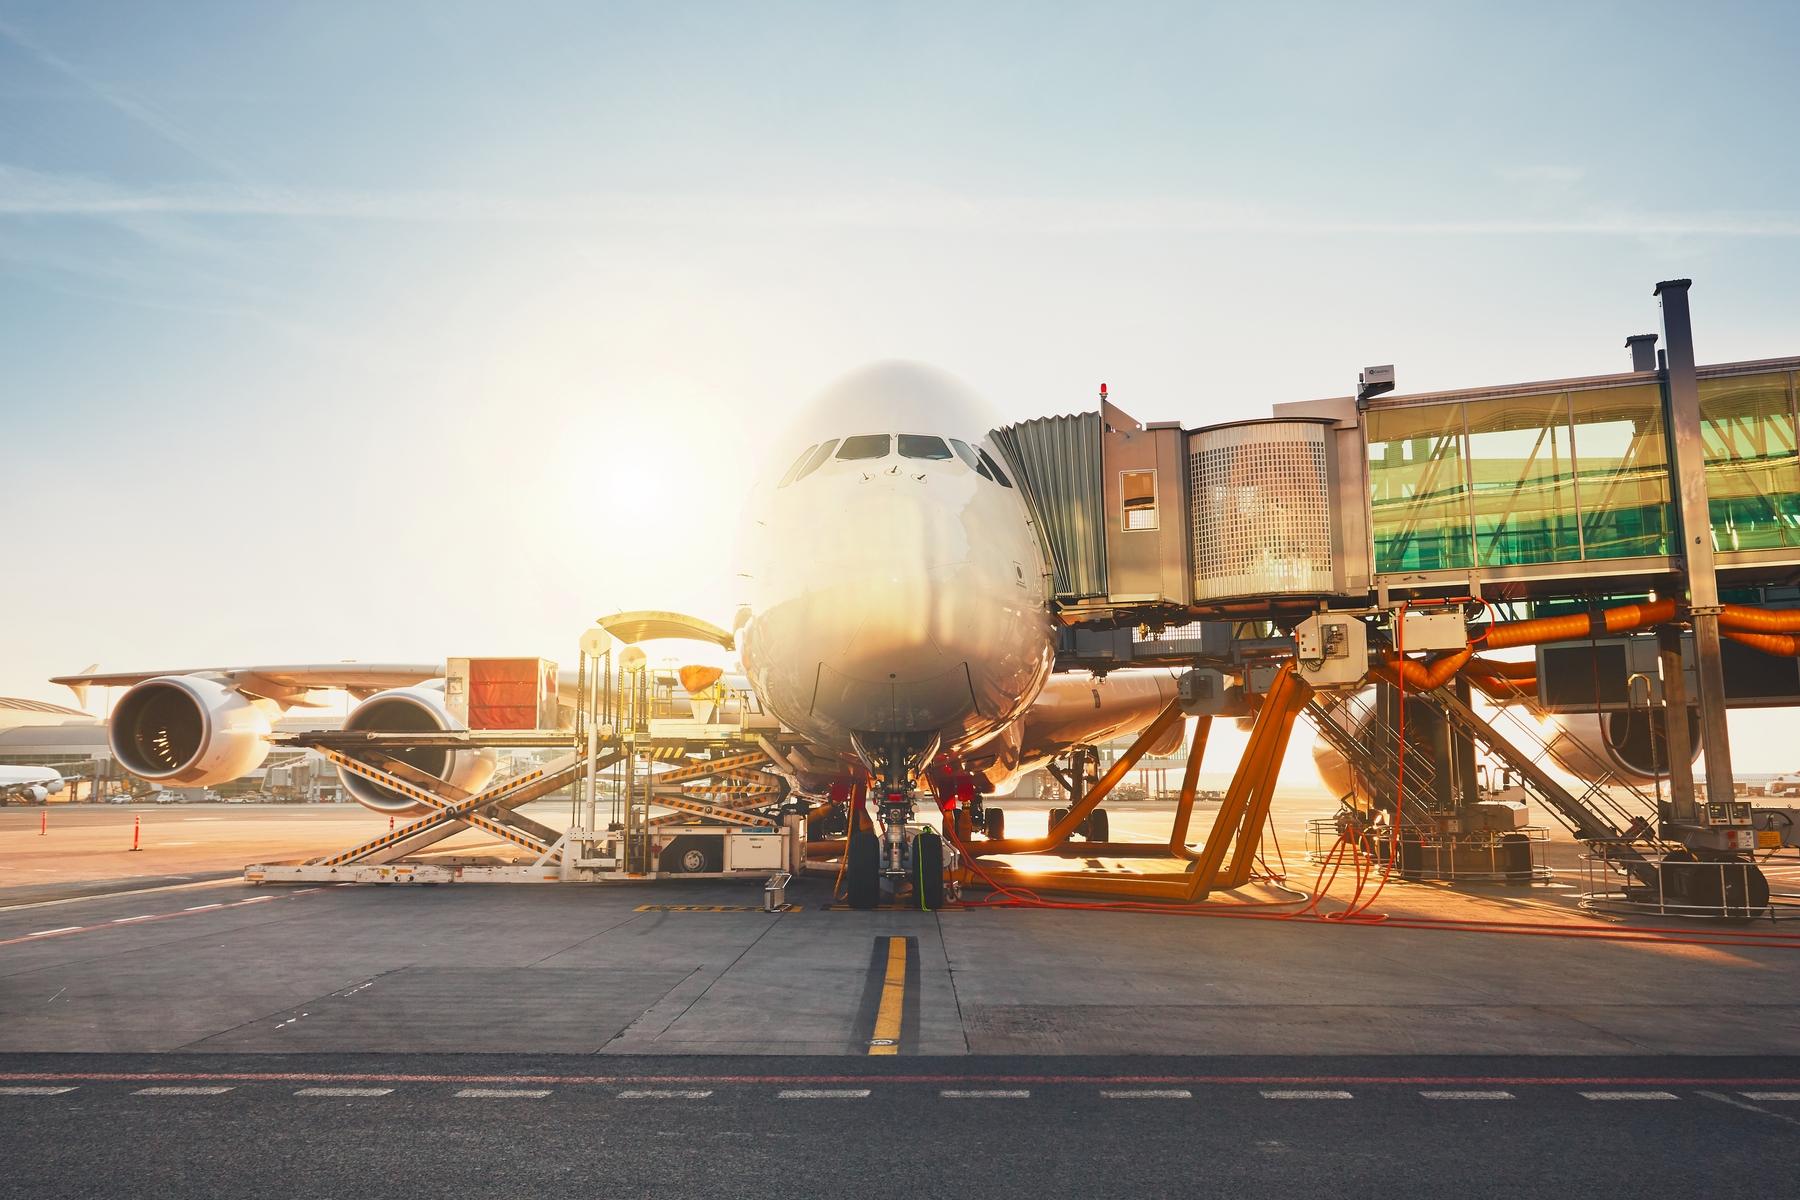 Wejście na pokład samolotu